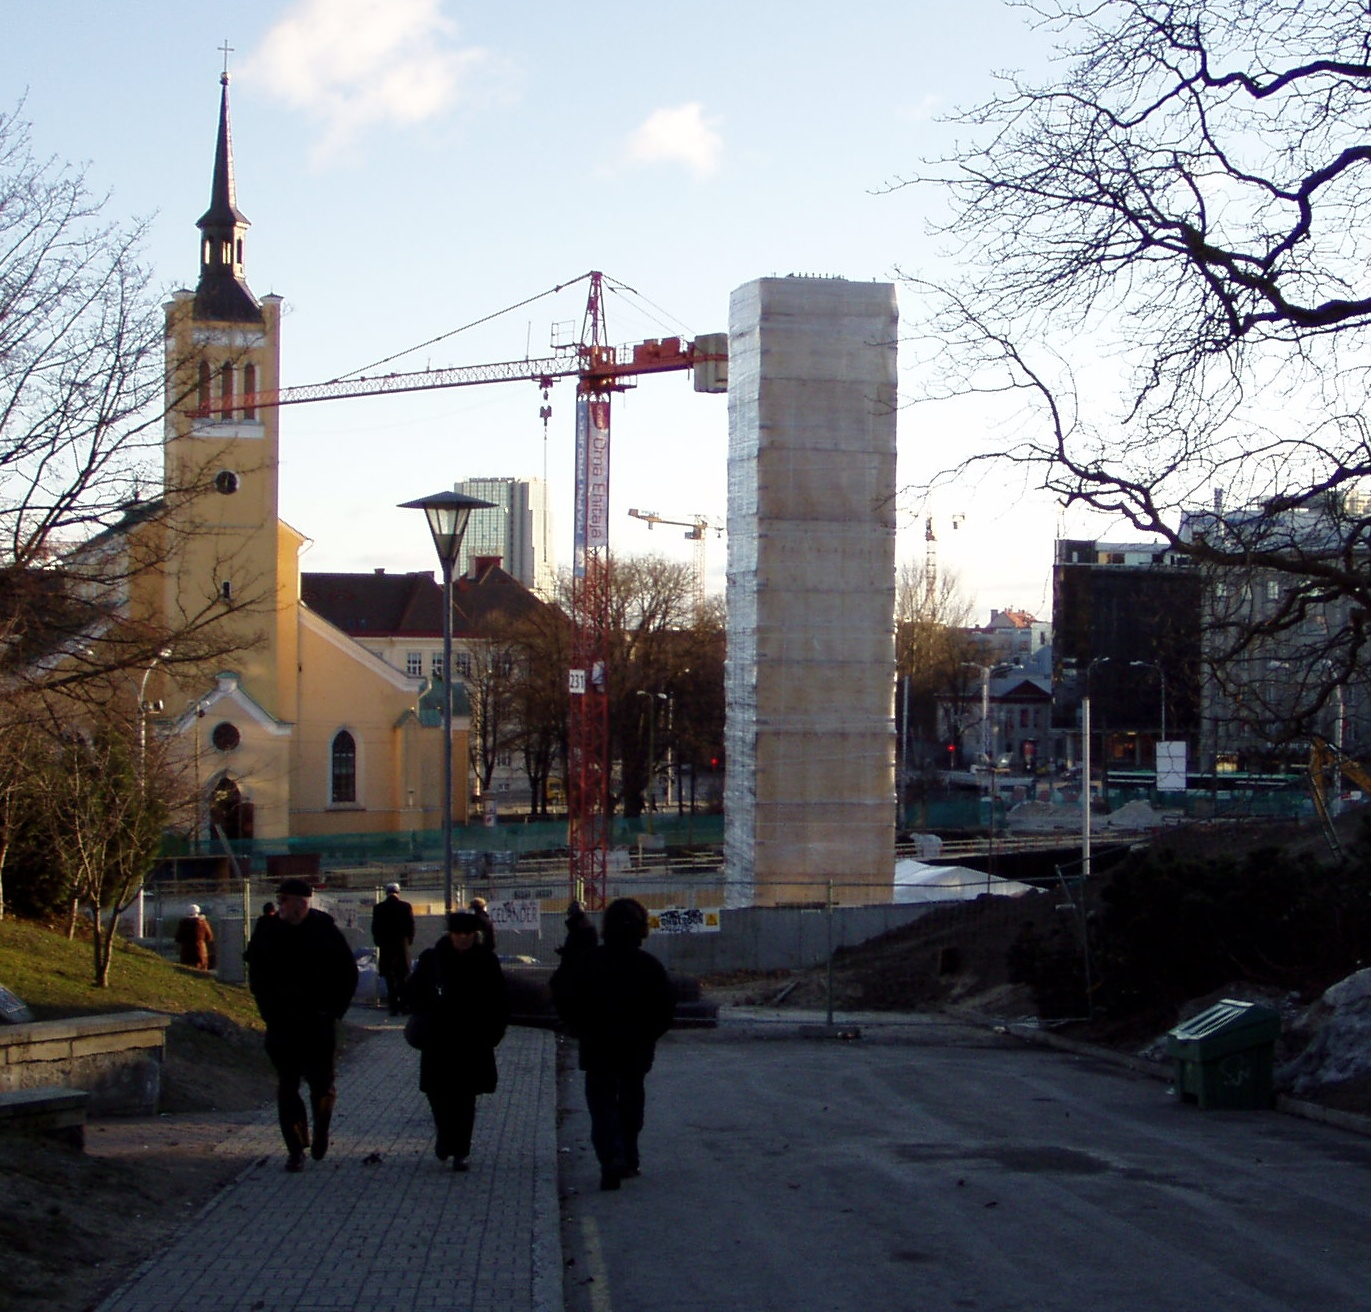 Eesti Vabariigi 90 aastapäeva tähistamiseks valmimata jäänud Vabadussõja ausammas on kaetud vineeri tahvlitega.